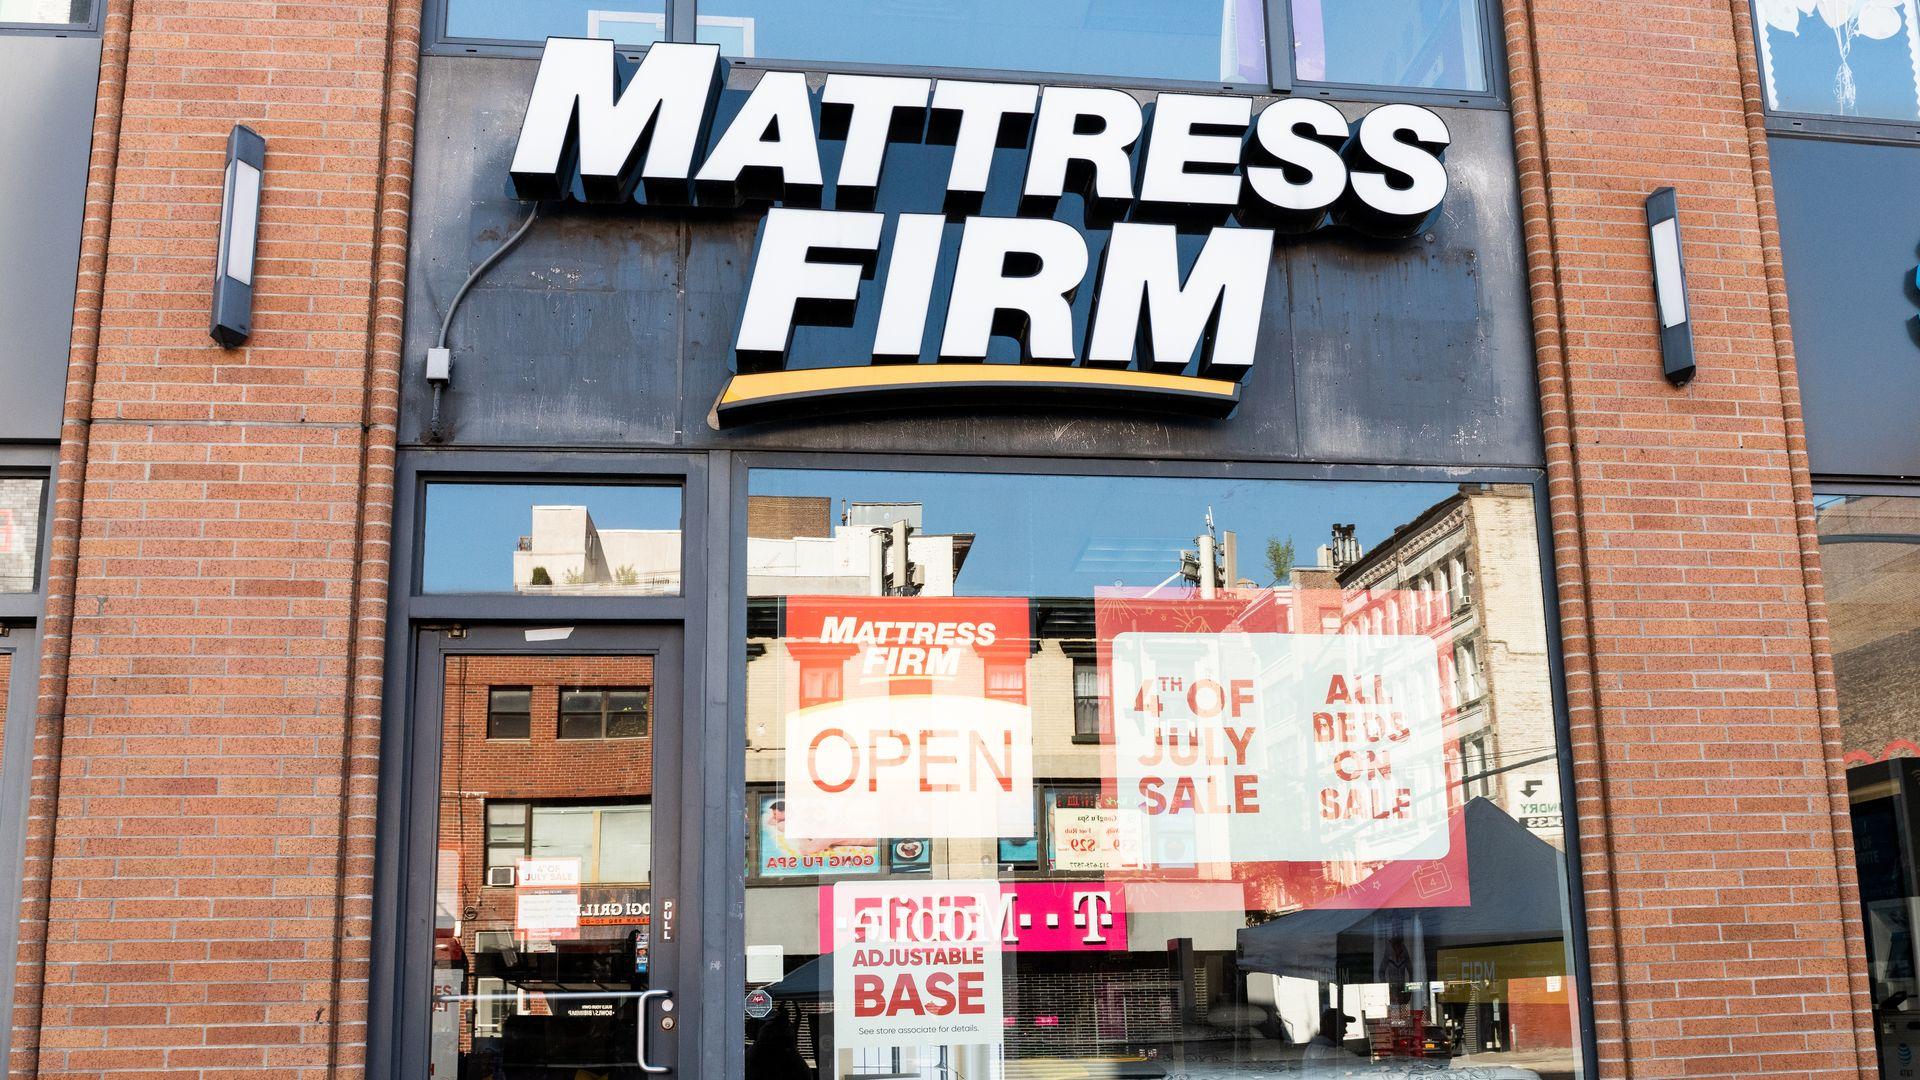 A Mattress Firm store.